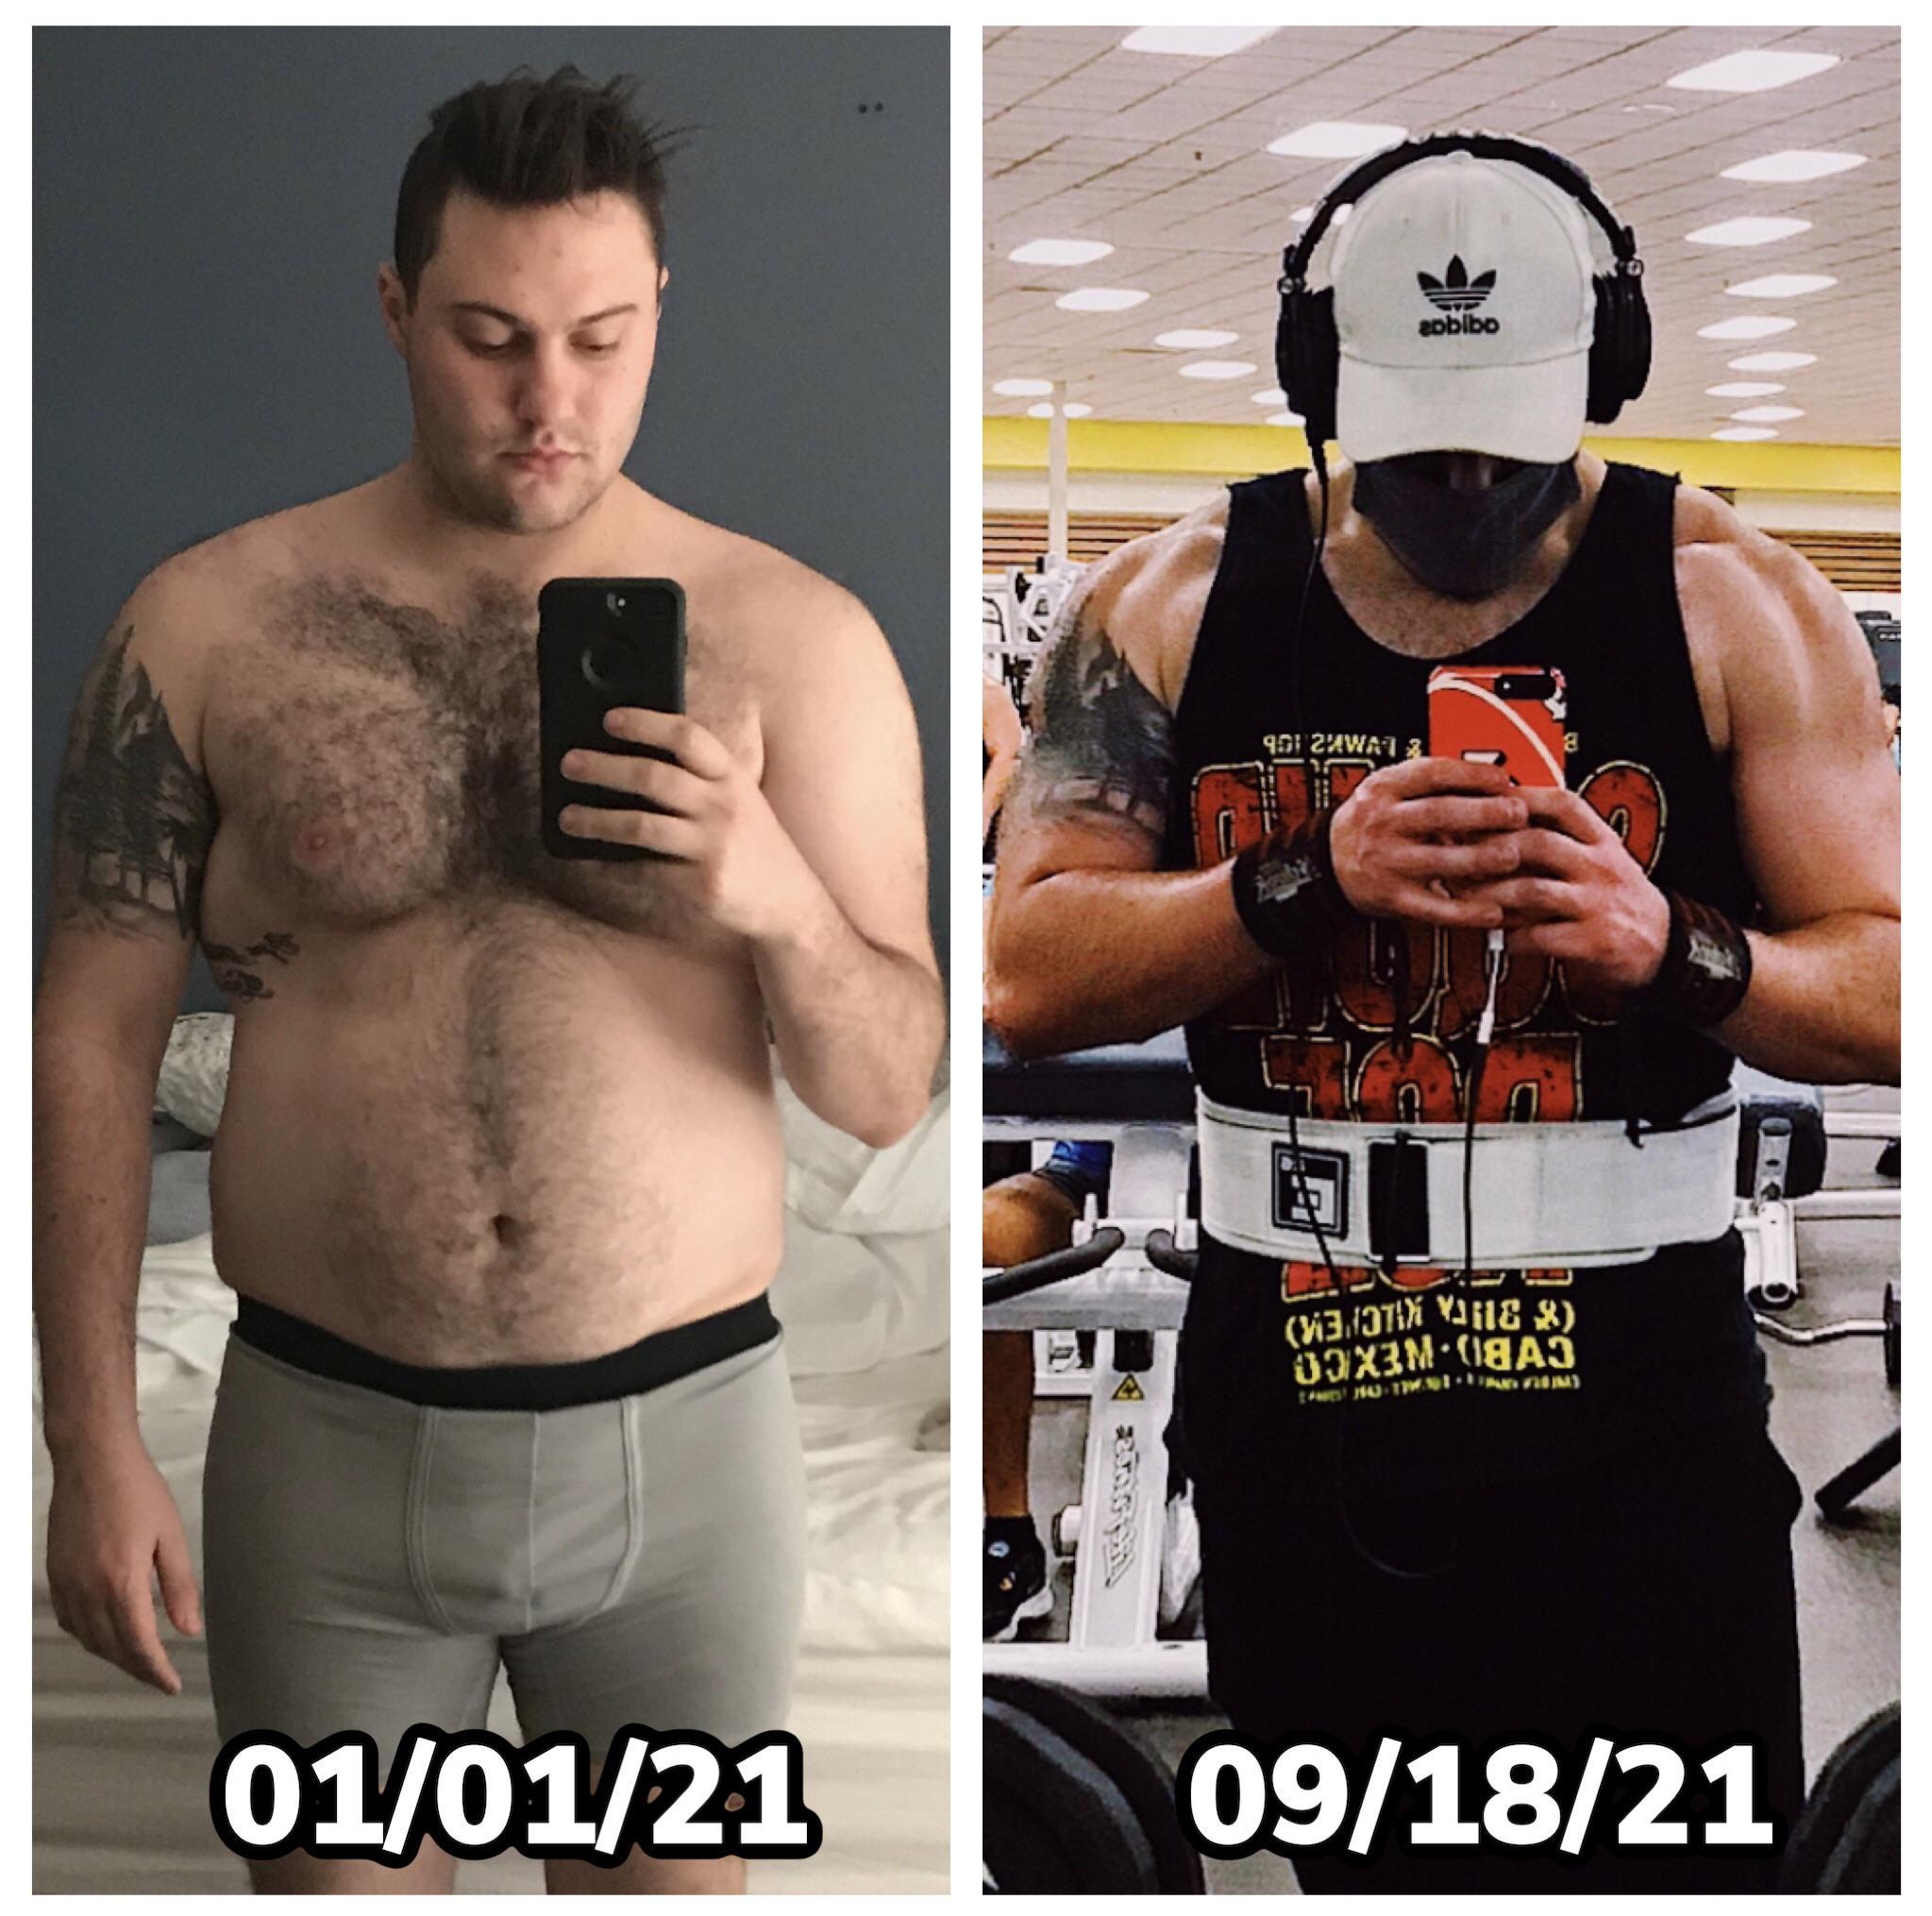 5'11 Male Progress Pics of 25 lbs Fat Loss 245 lbs to 220 lbs